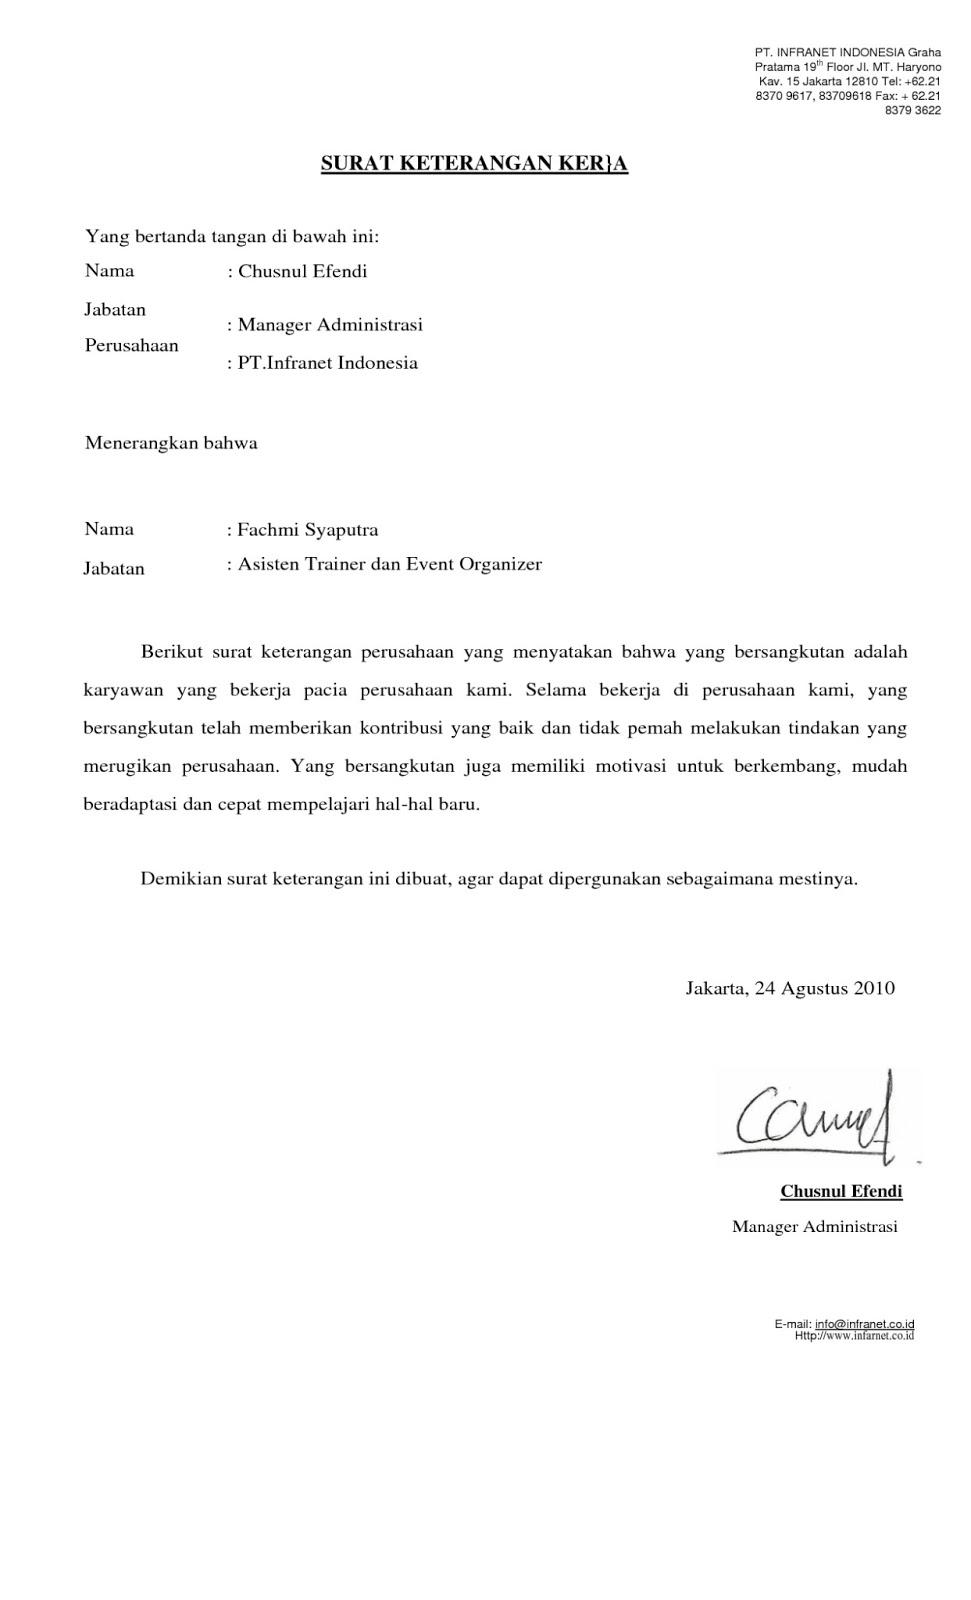 7 Contoh Surat Pernyataan dan Cara Membuatnya - Kumpulan